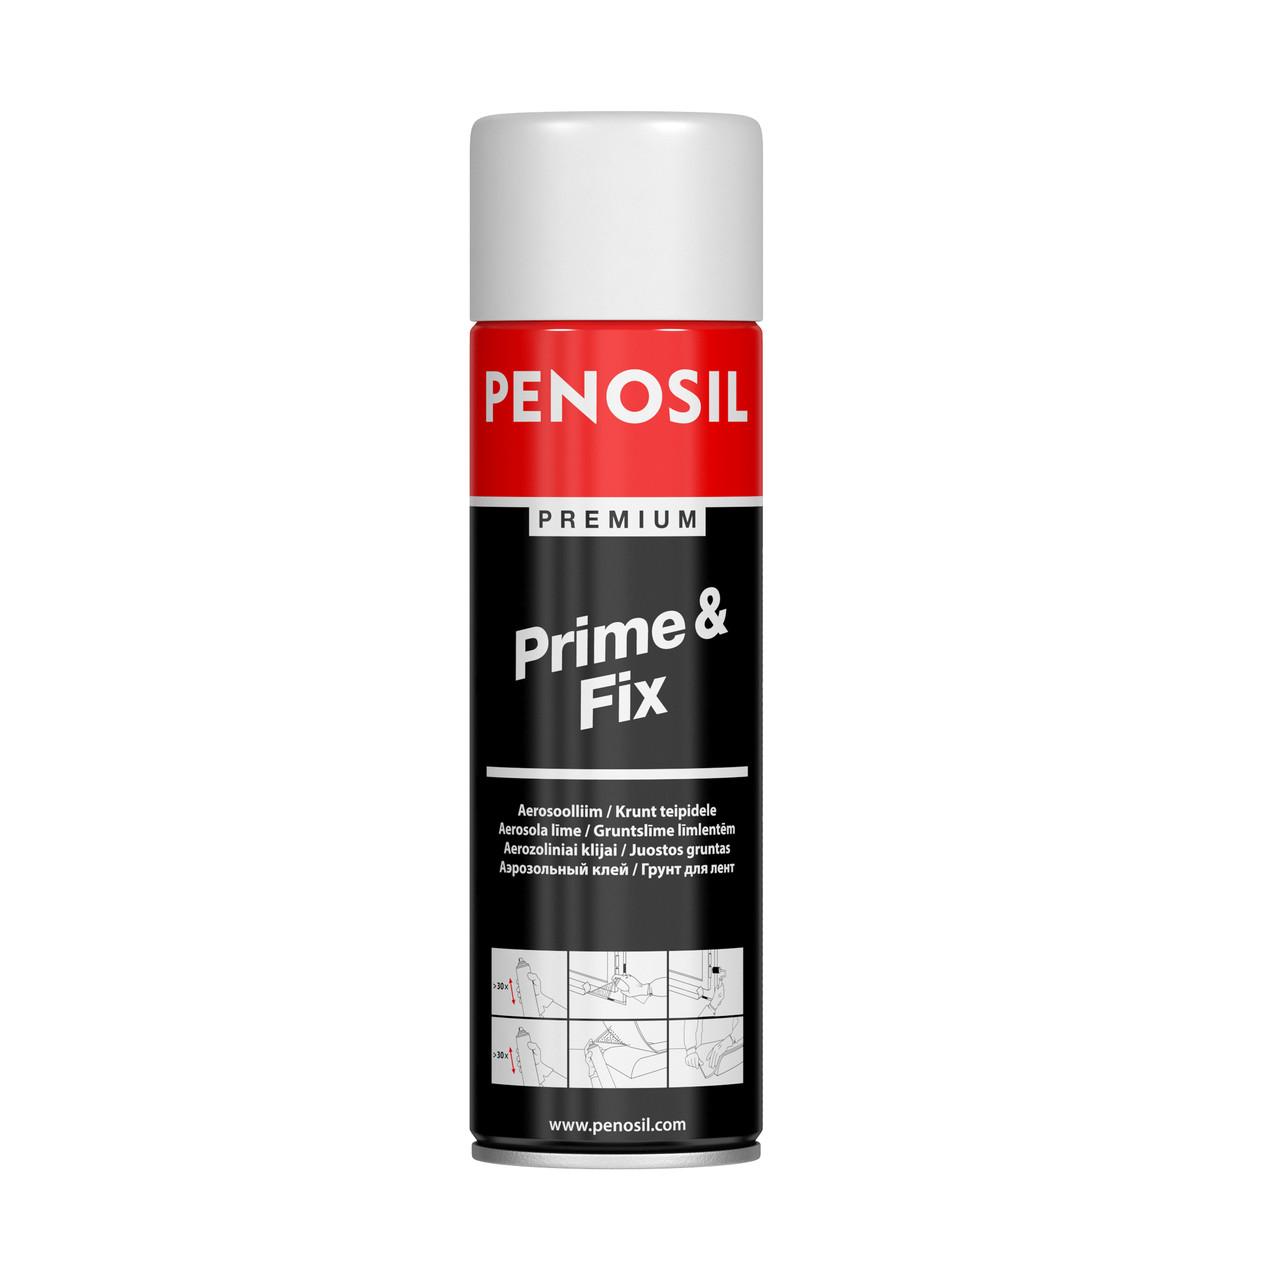 Prime&Fix аерозольний клей для склеювання каучука